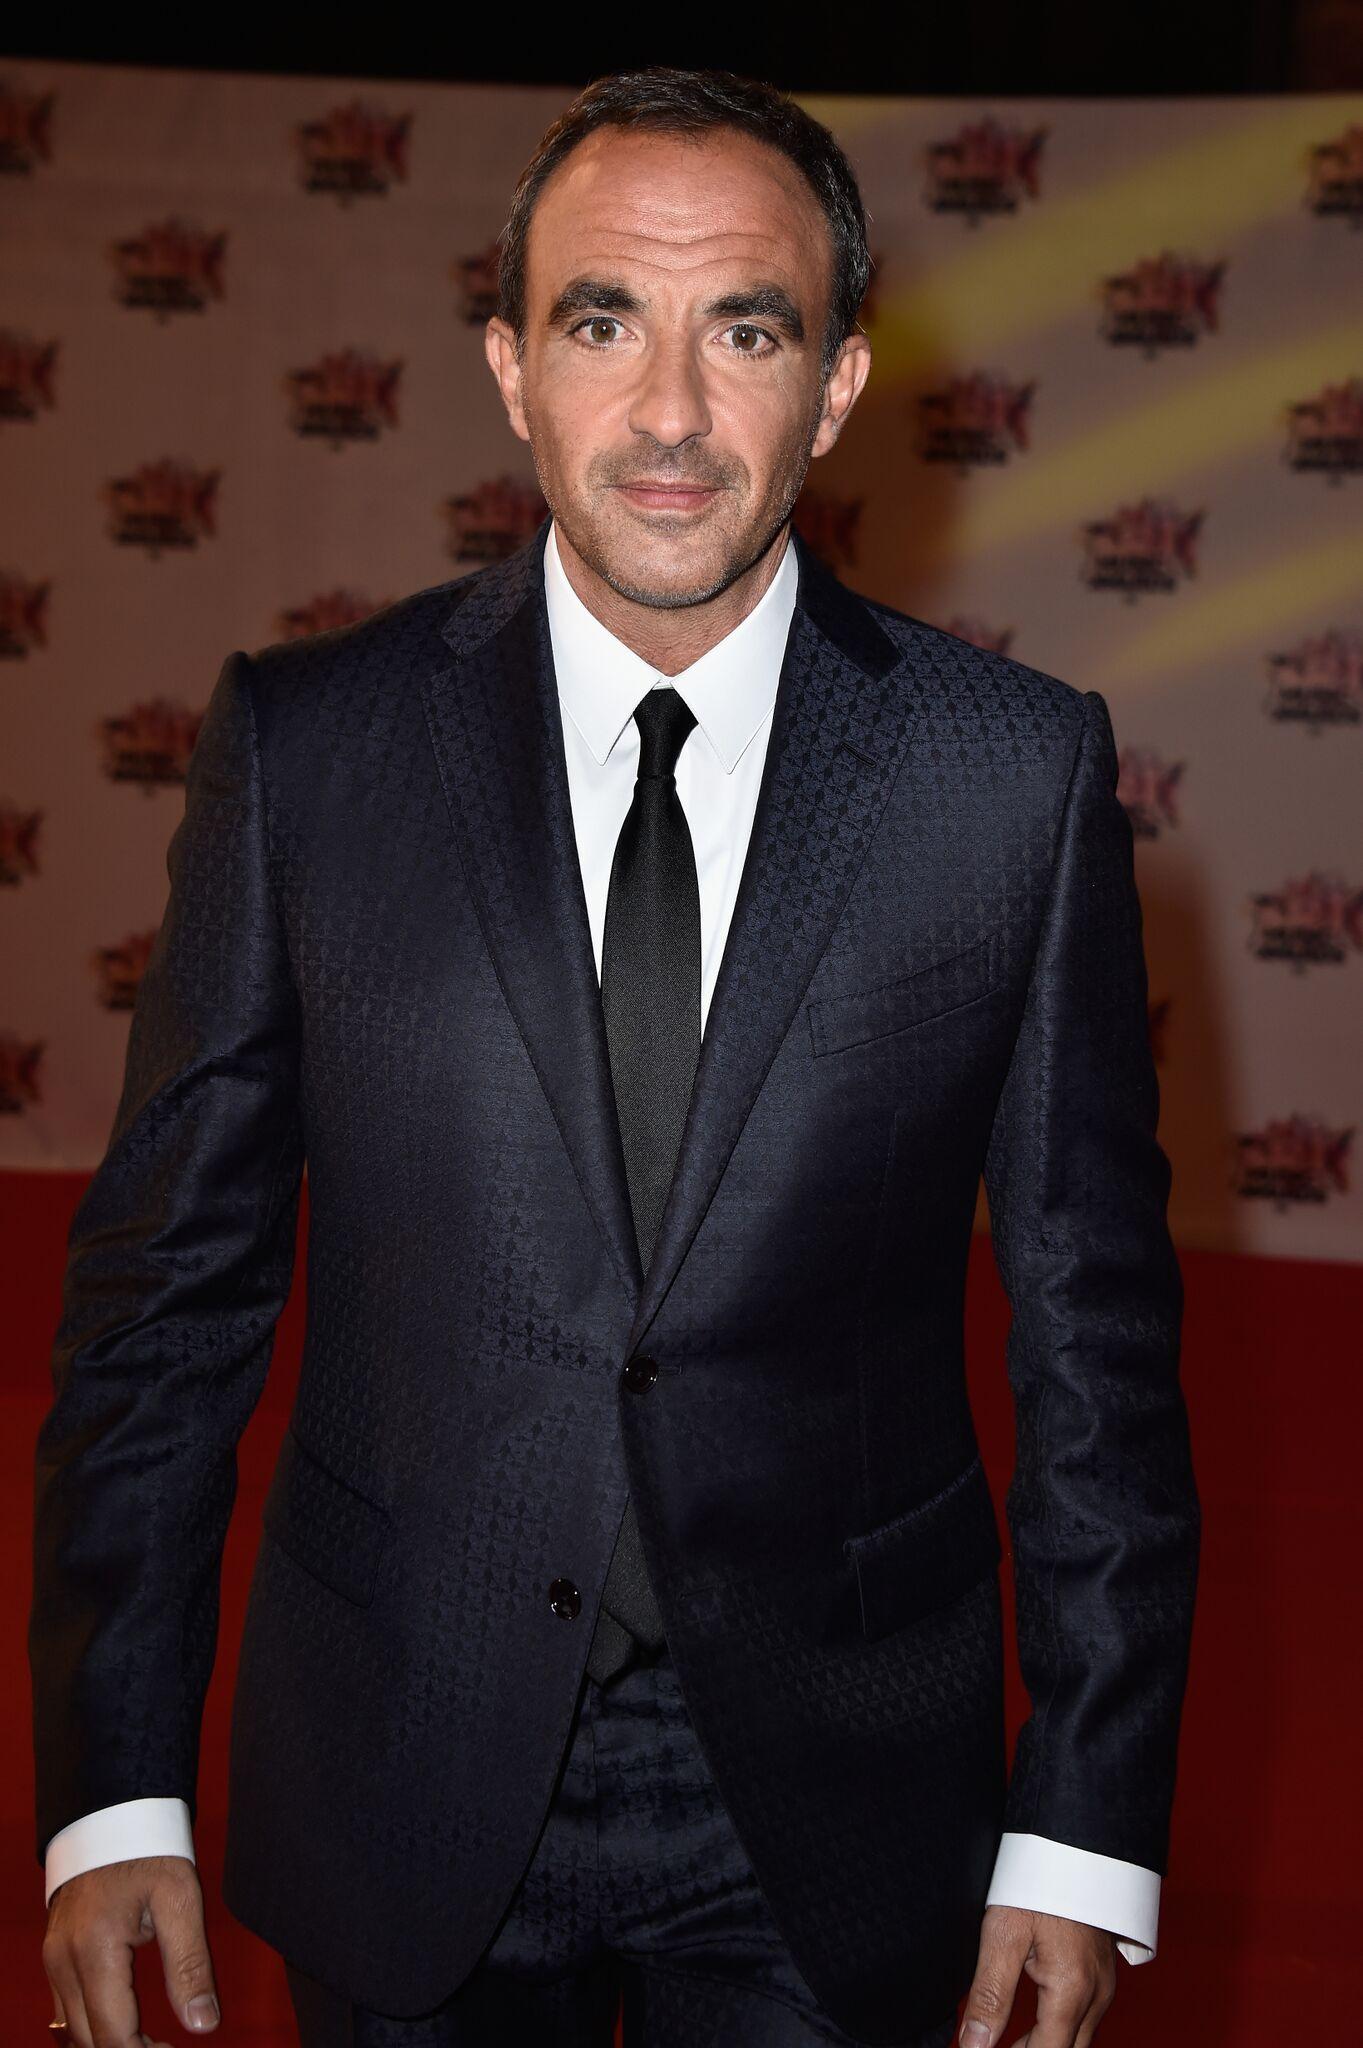 Le présentateur Nikos Aliagas. l Source: Getty Images